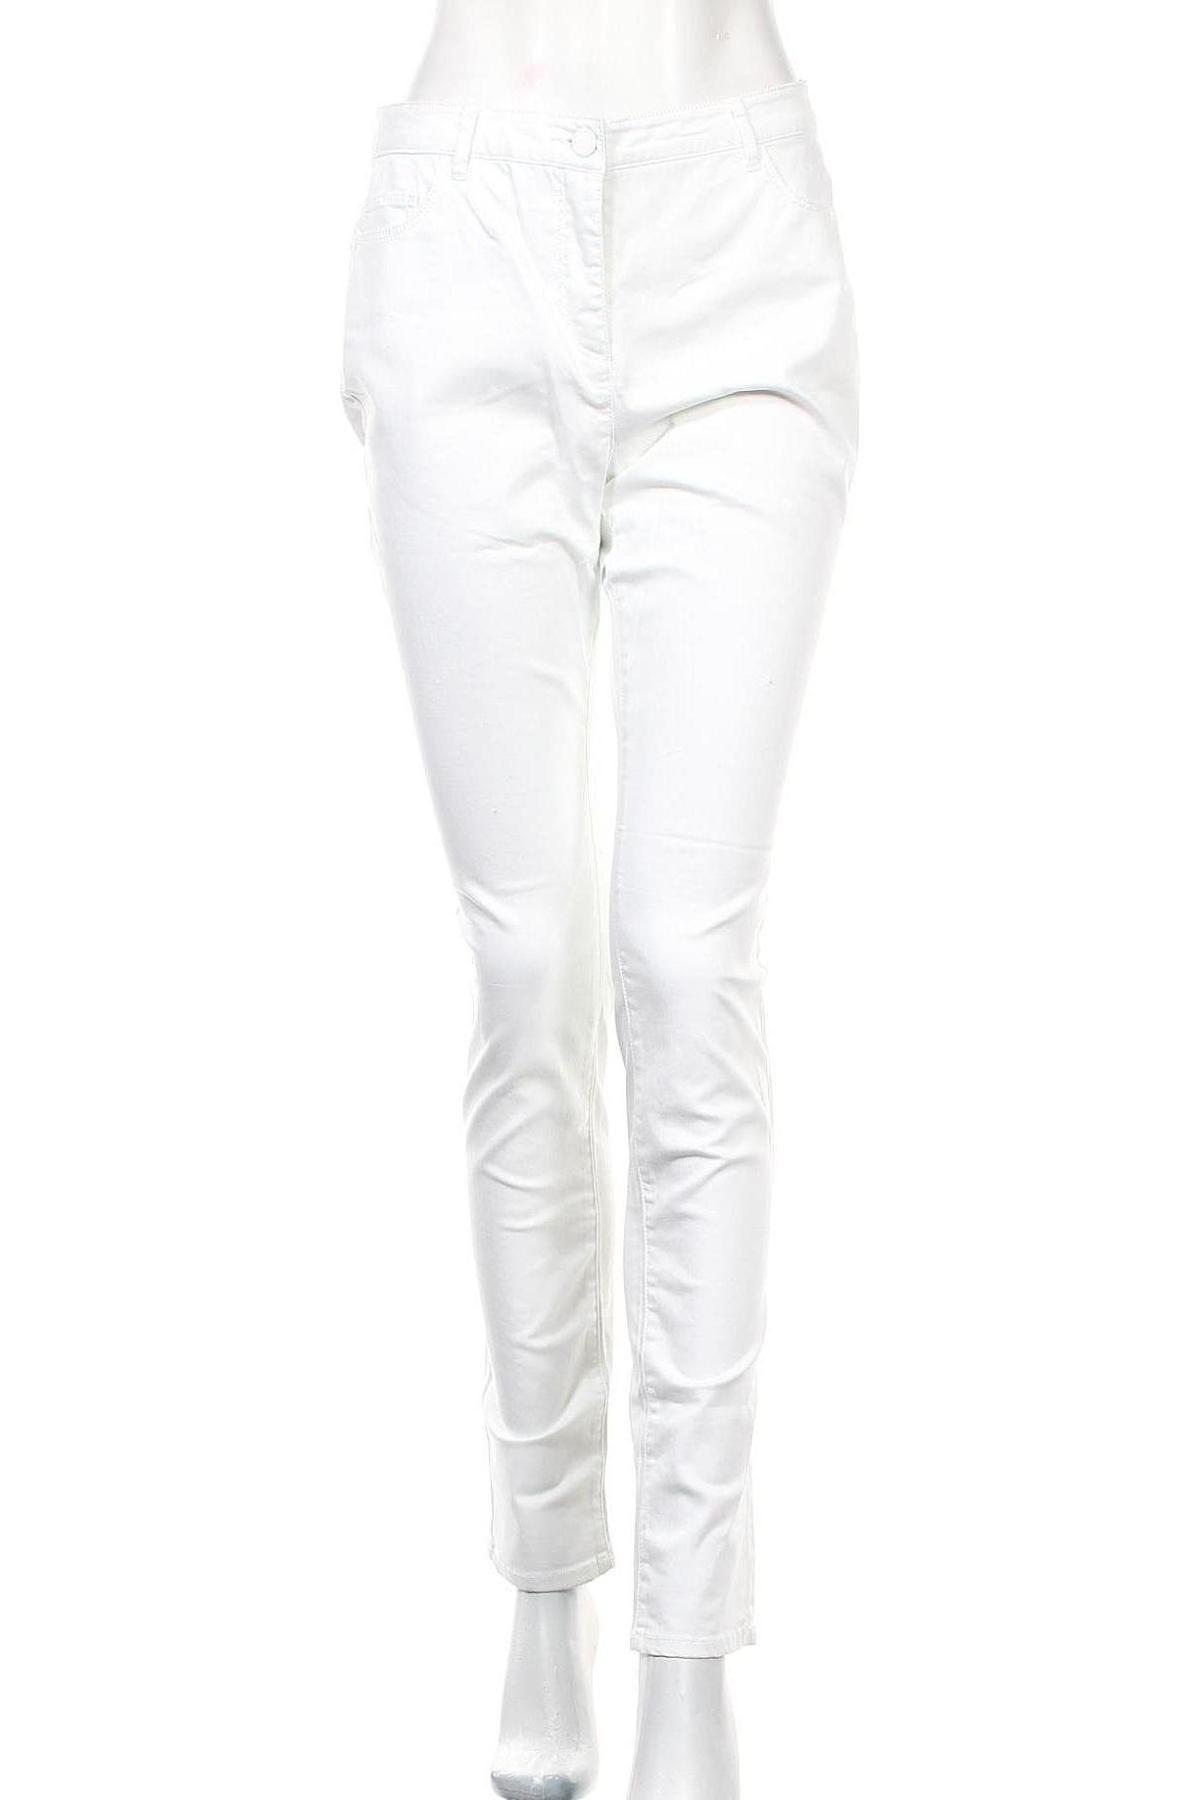 Дамски панталон Balsamik, Размер M, Цвят Бял, 98% памук, 2% еластан, Цена 17,99лв.